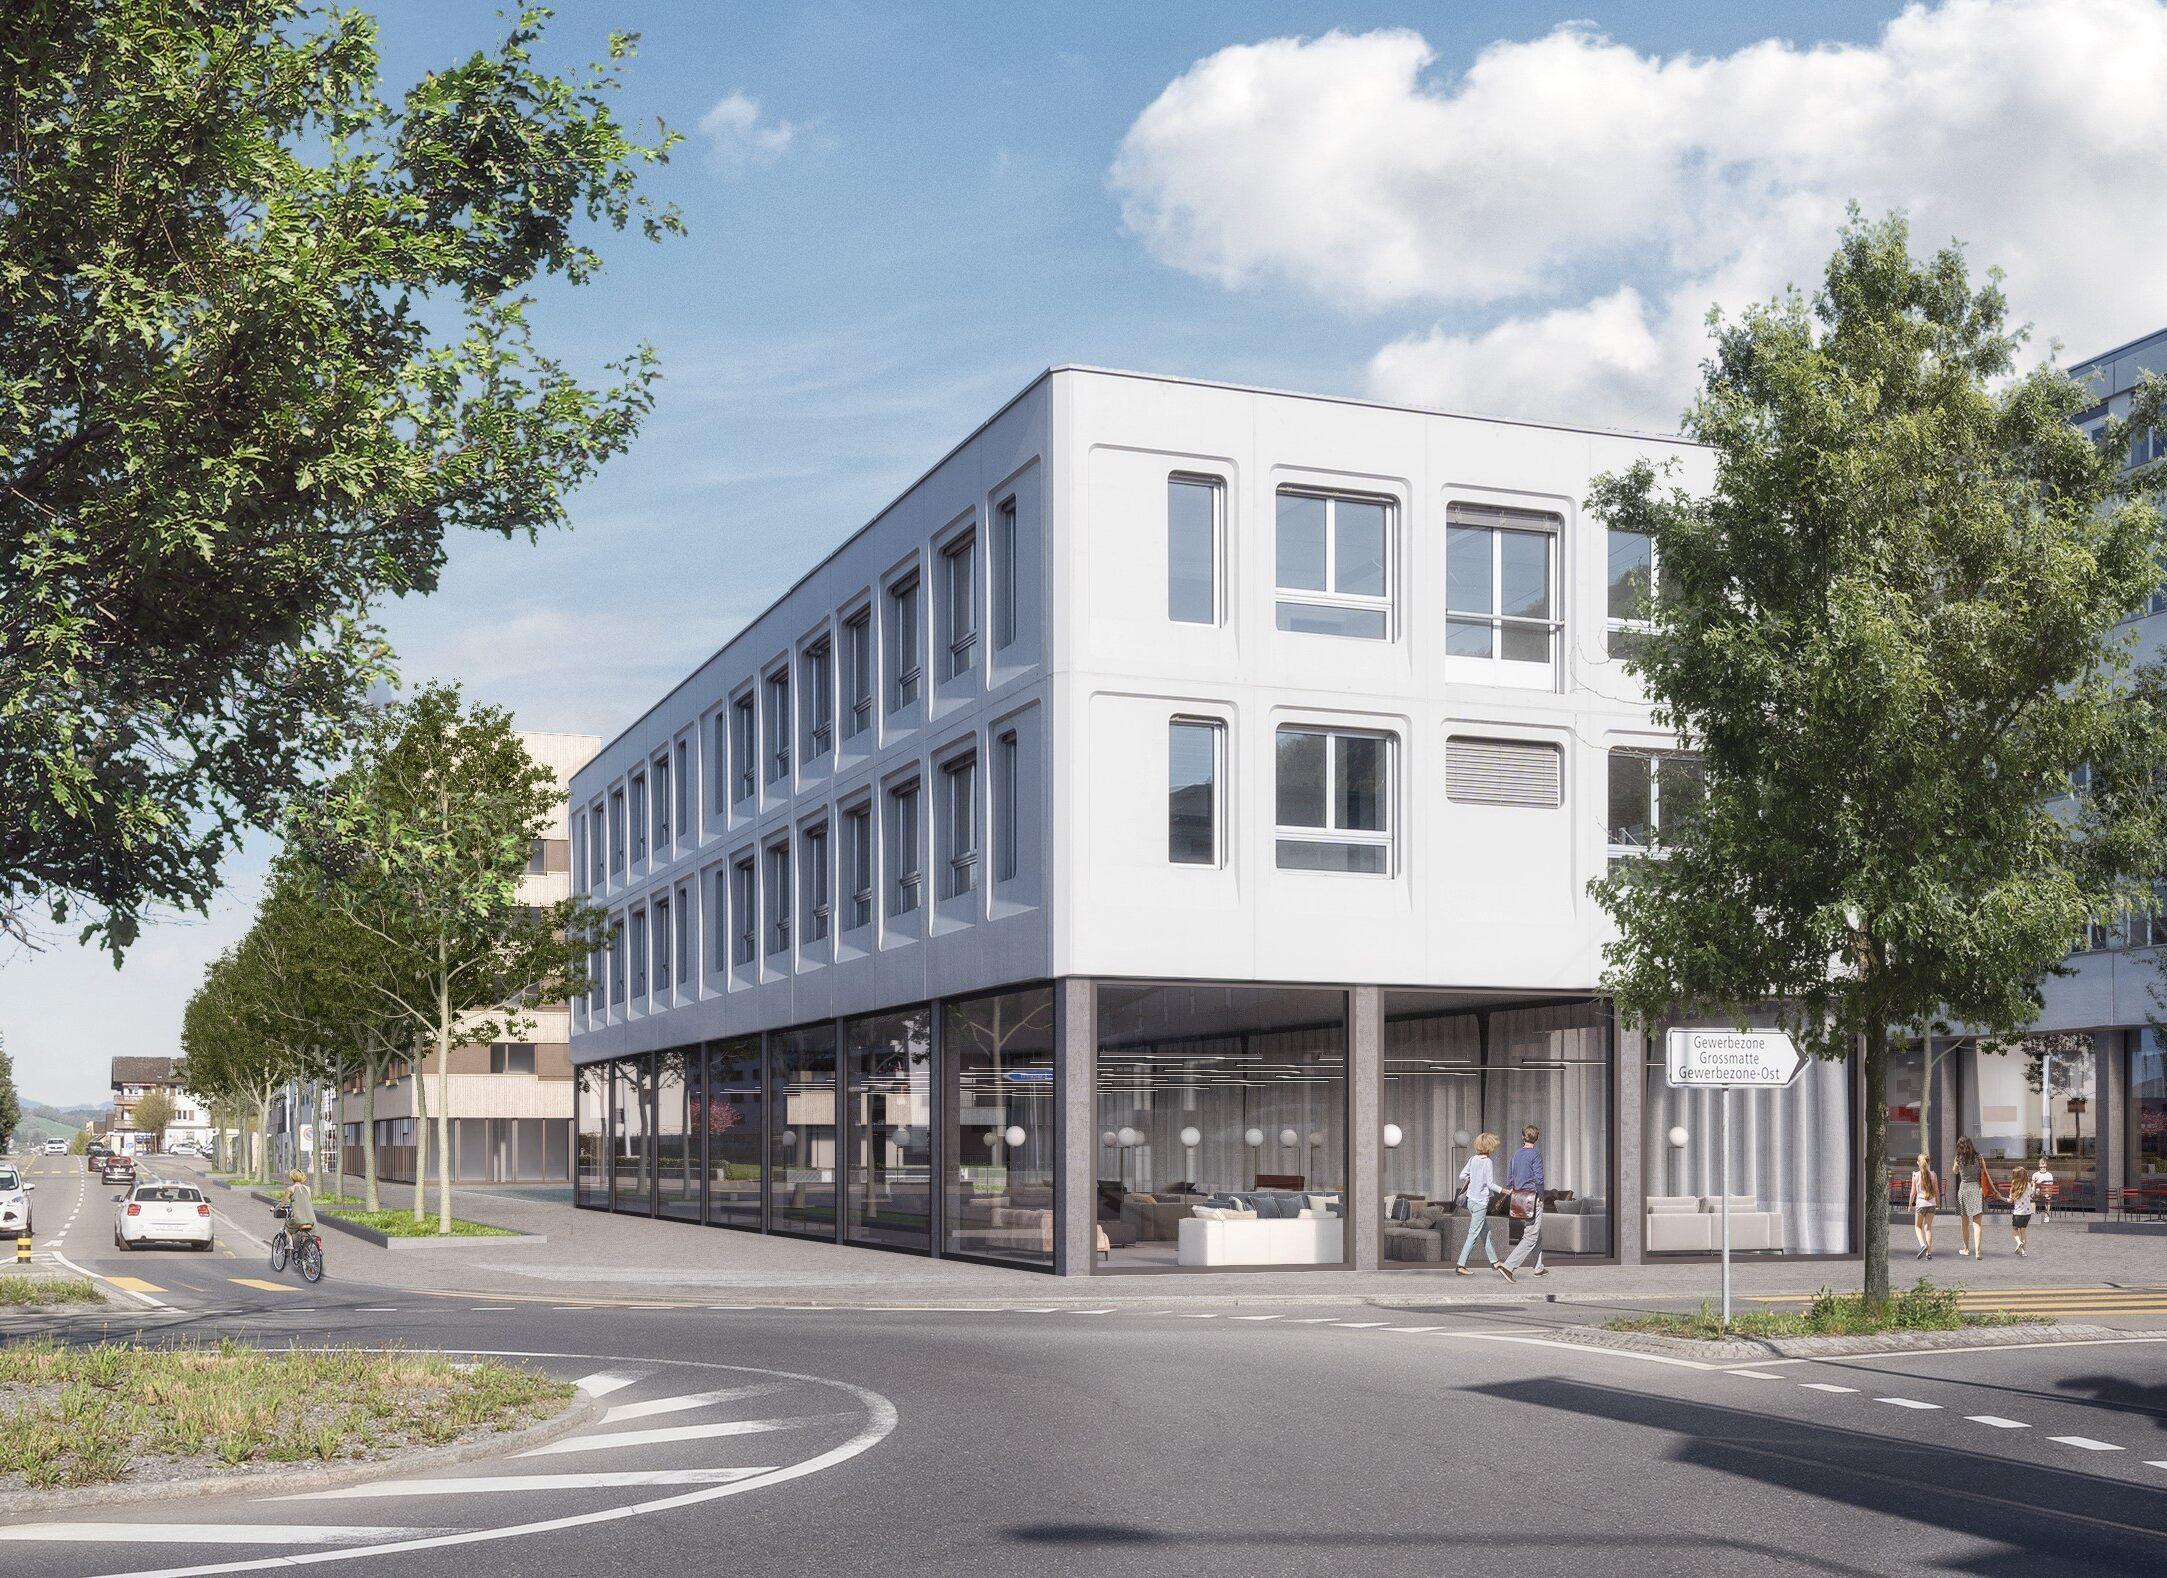 Haus E - Visualisierung Luzernerstrasse 133